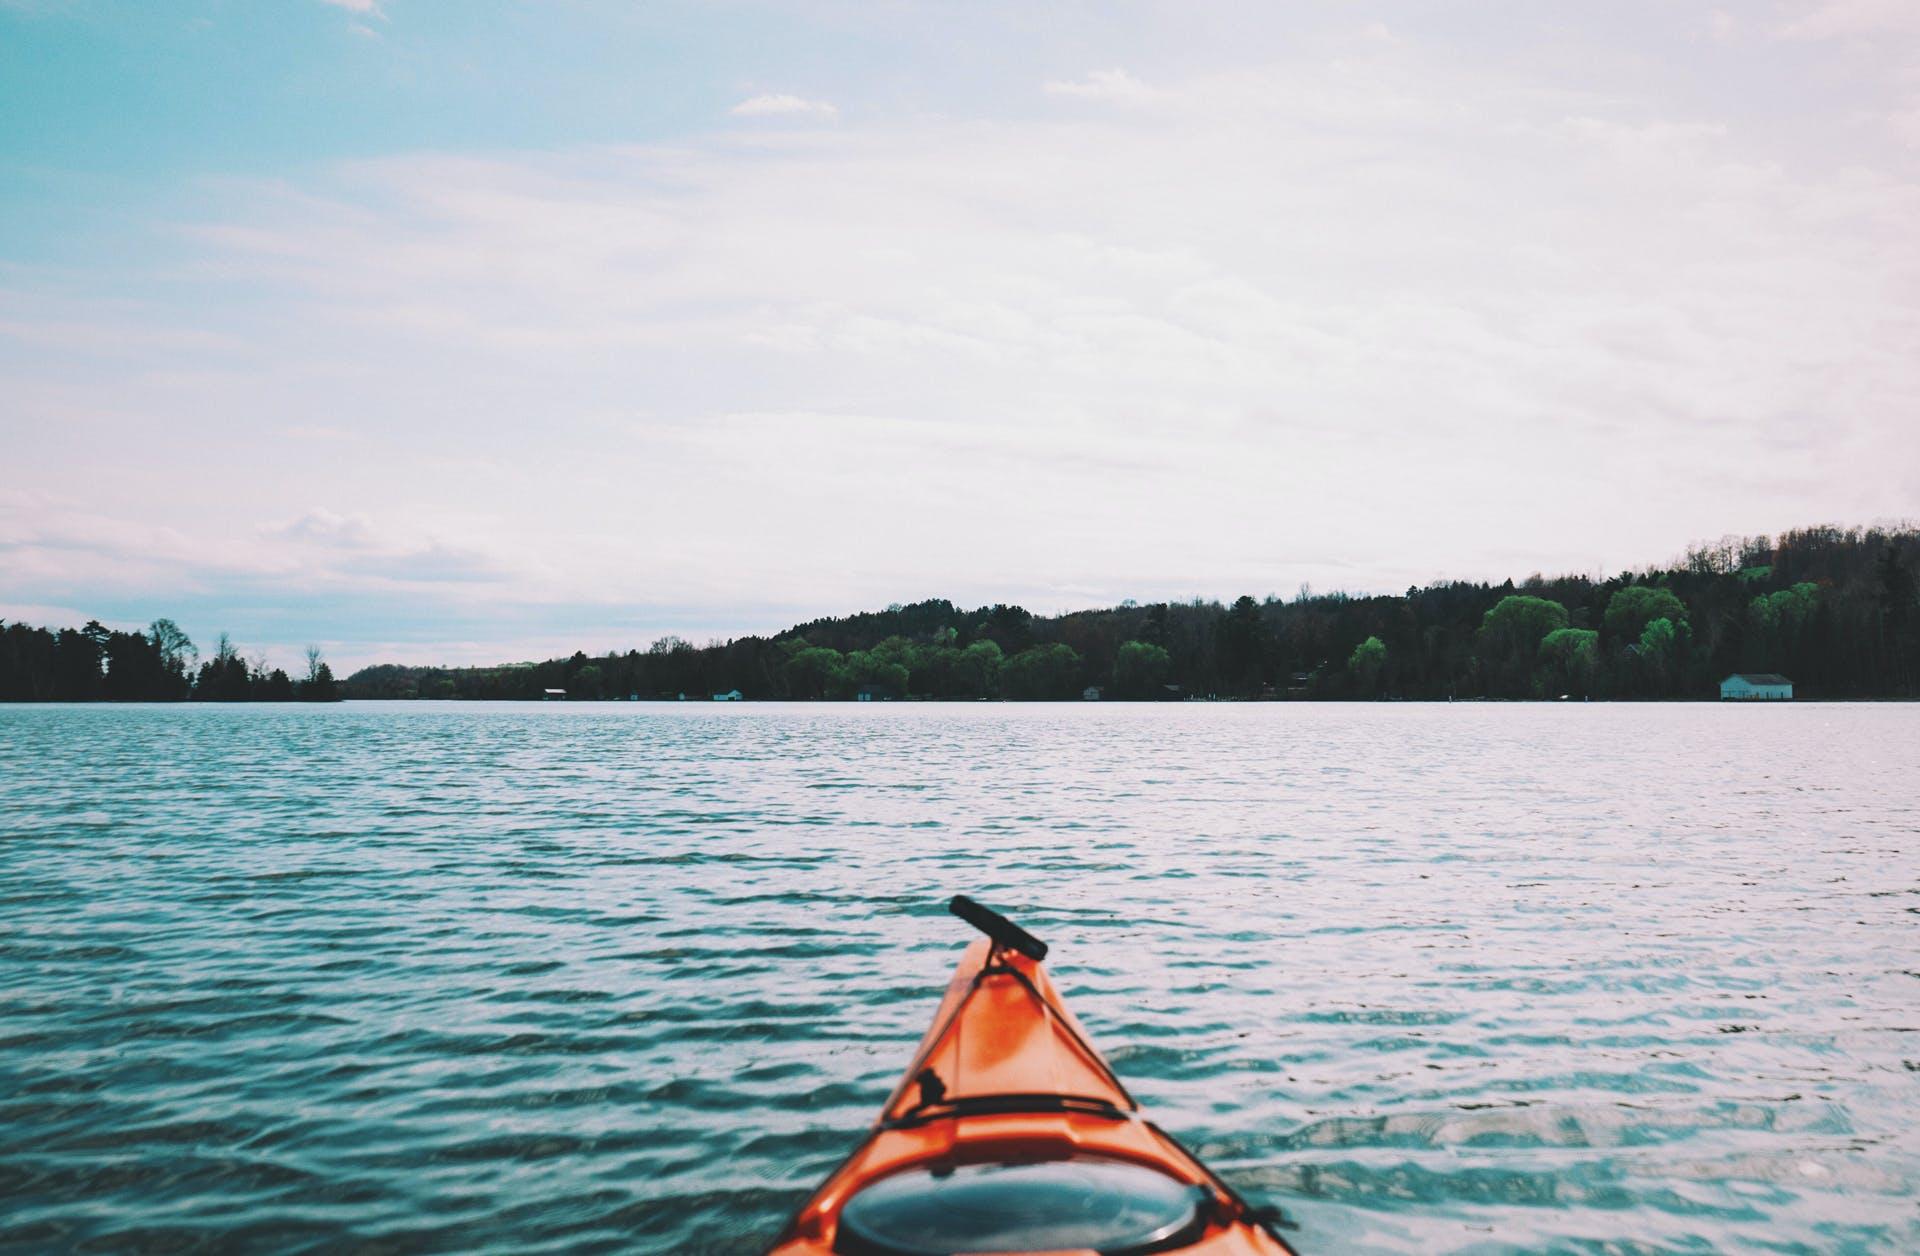 kajak, kayak, lake